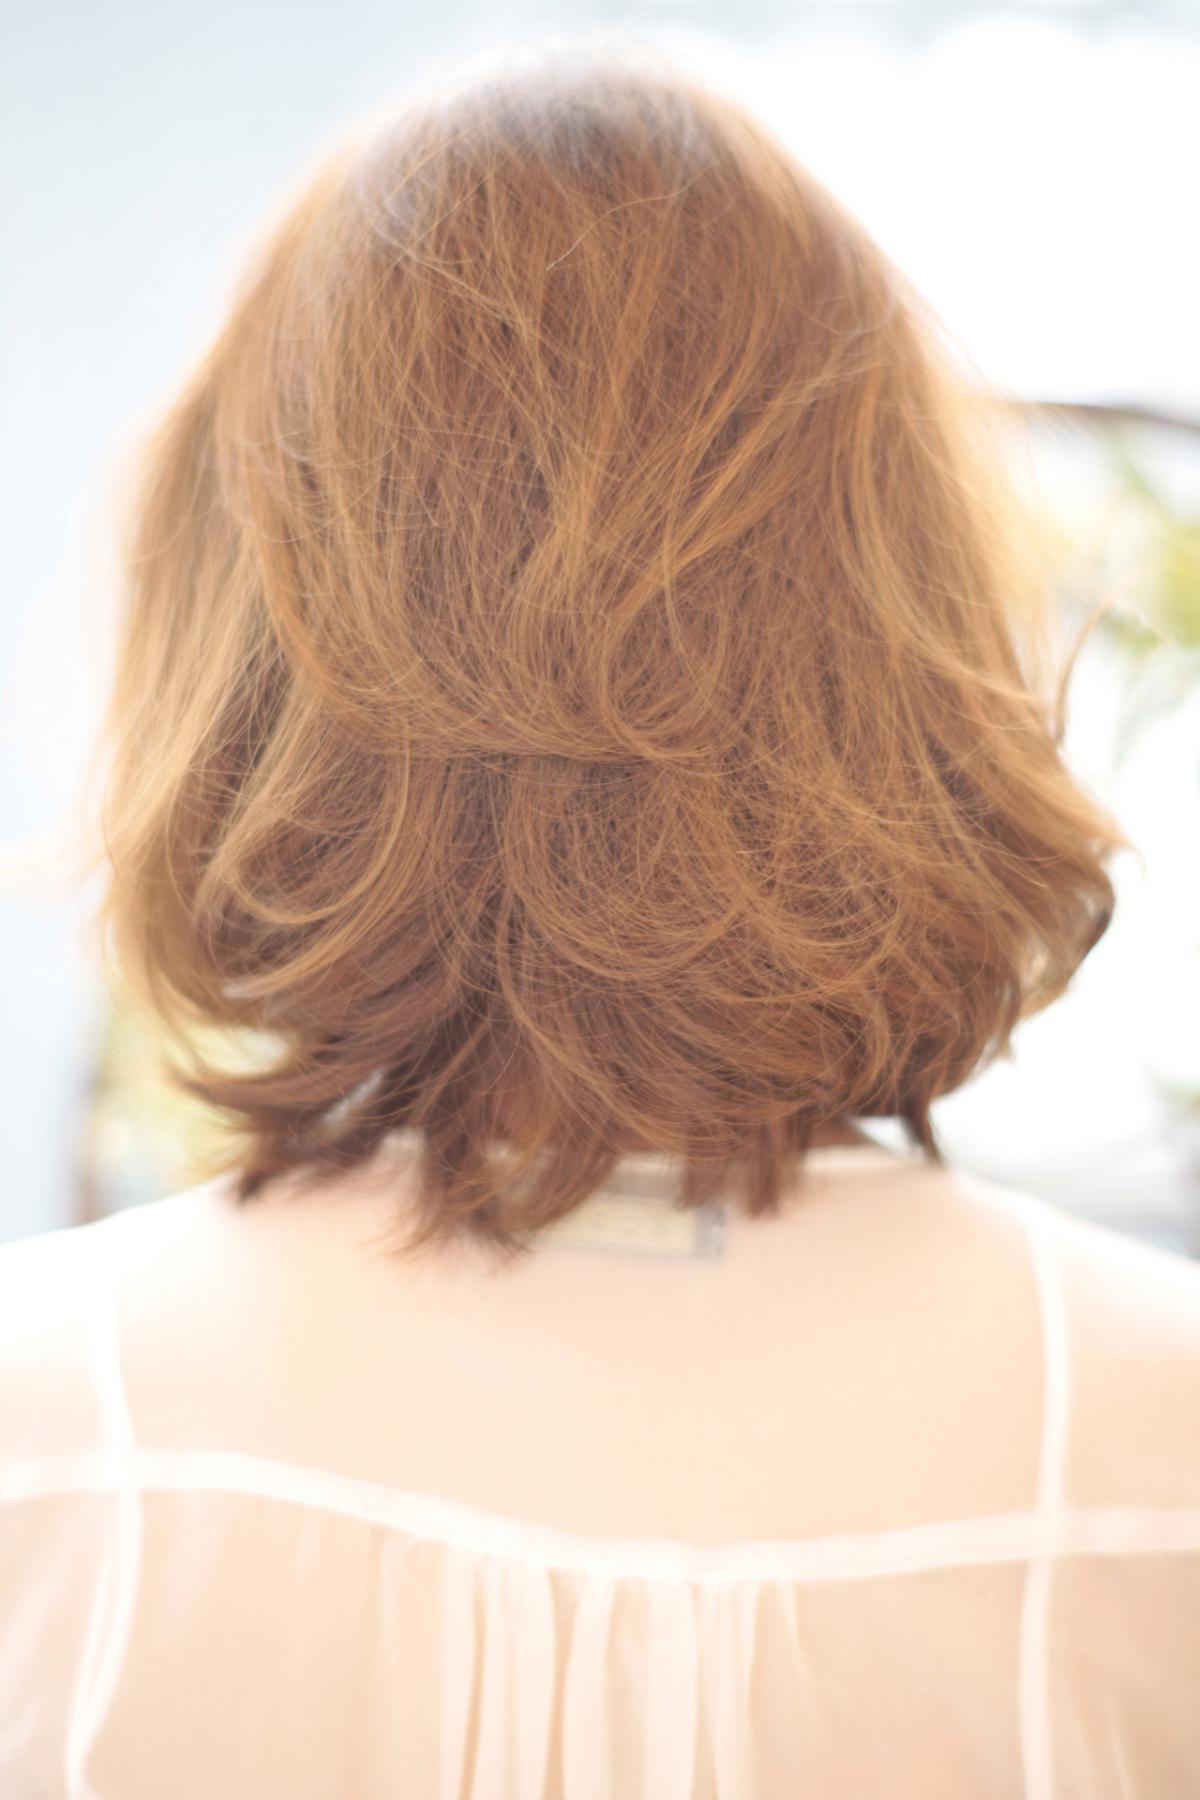 黒髪でも似合う!小顔髪型ゆるふわパーマヘアカタログ〜ラクラク可愛いアレンジ(え-073)